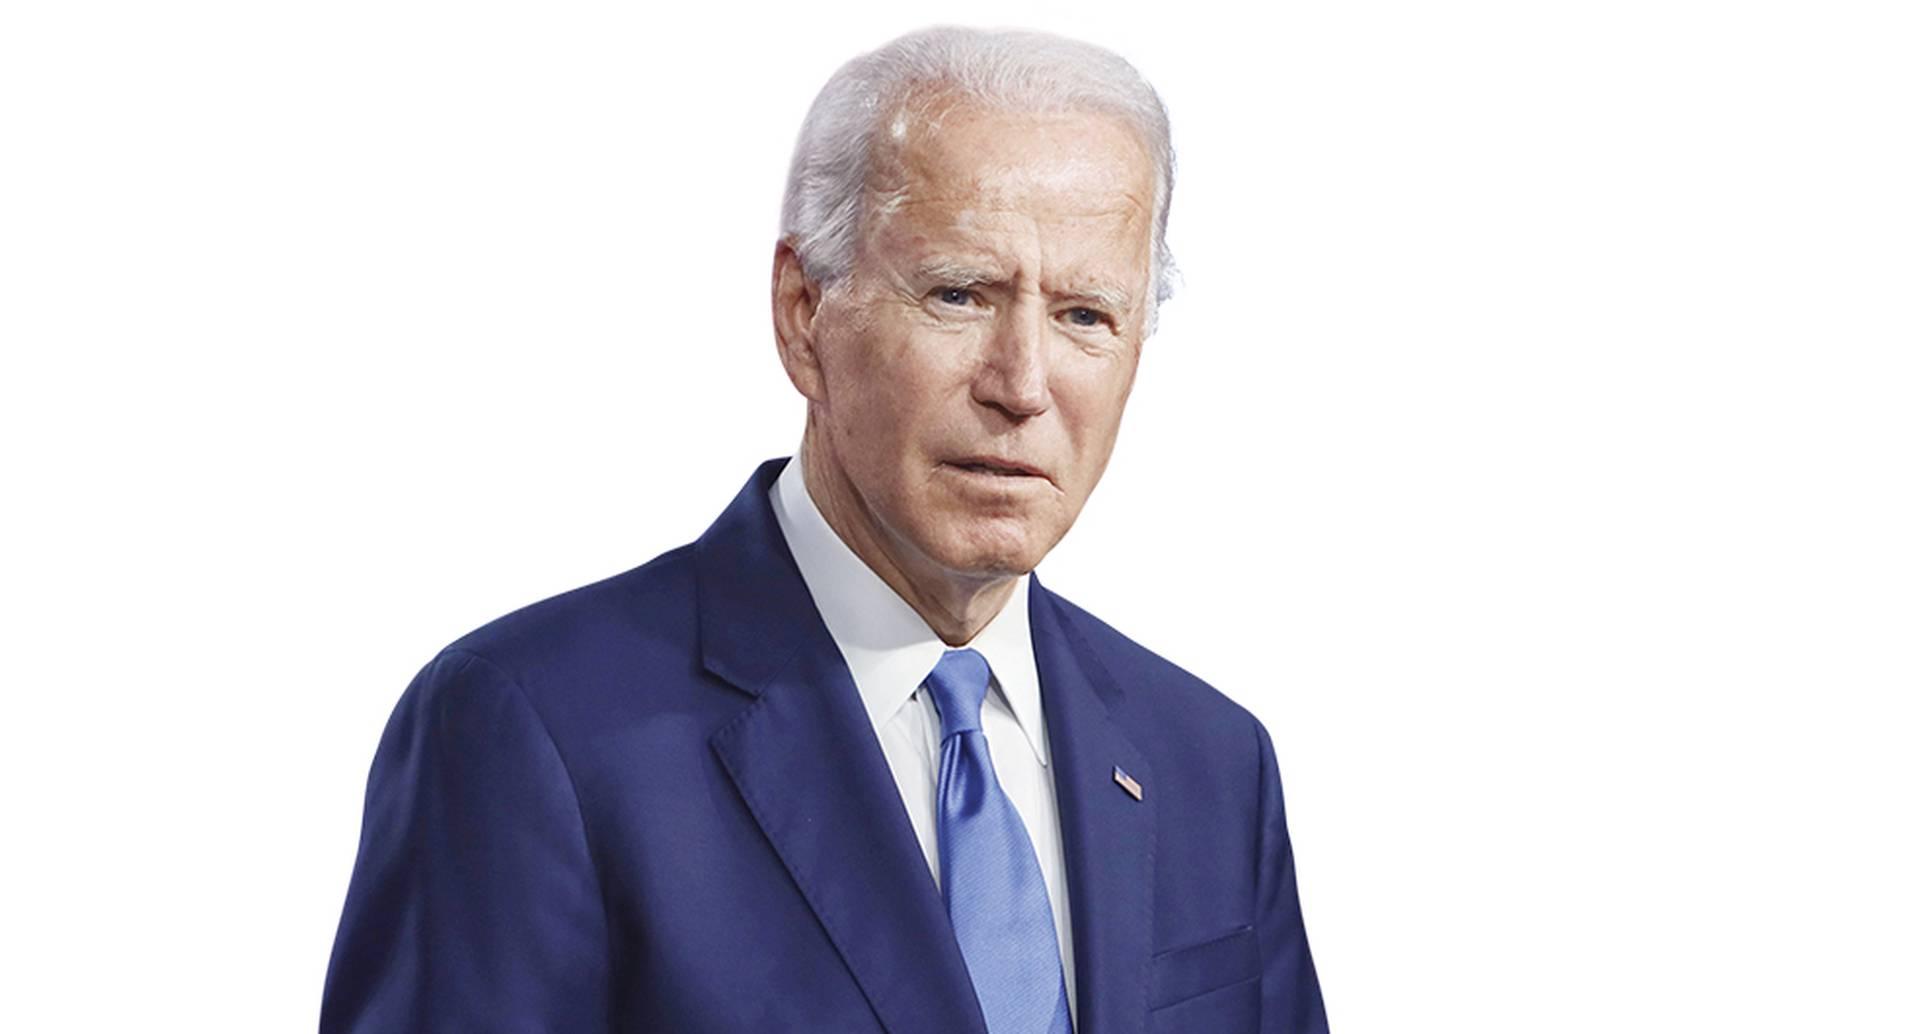 Algunos piensan que a Biden lo favoreció la pandemia, pues le permitió abstenerse de realizar mítines presenciales.